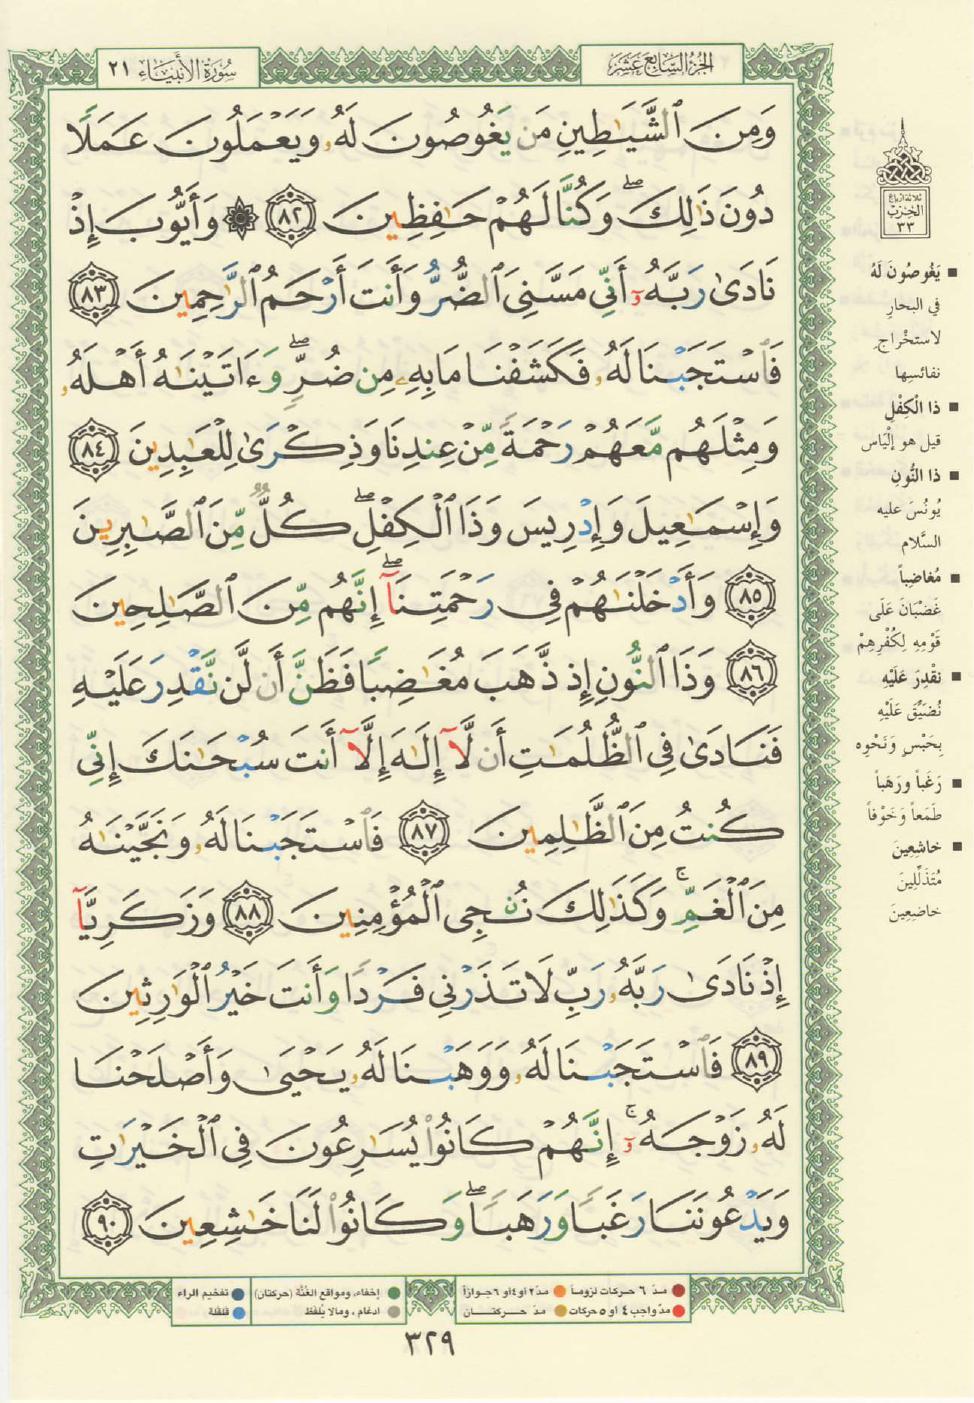 21. سورة الانبياء - Al- Anbiya مصورة من المصحف الشريف Quran_tajwid_000338